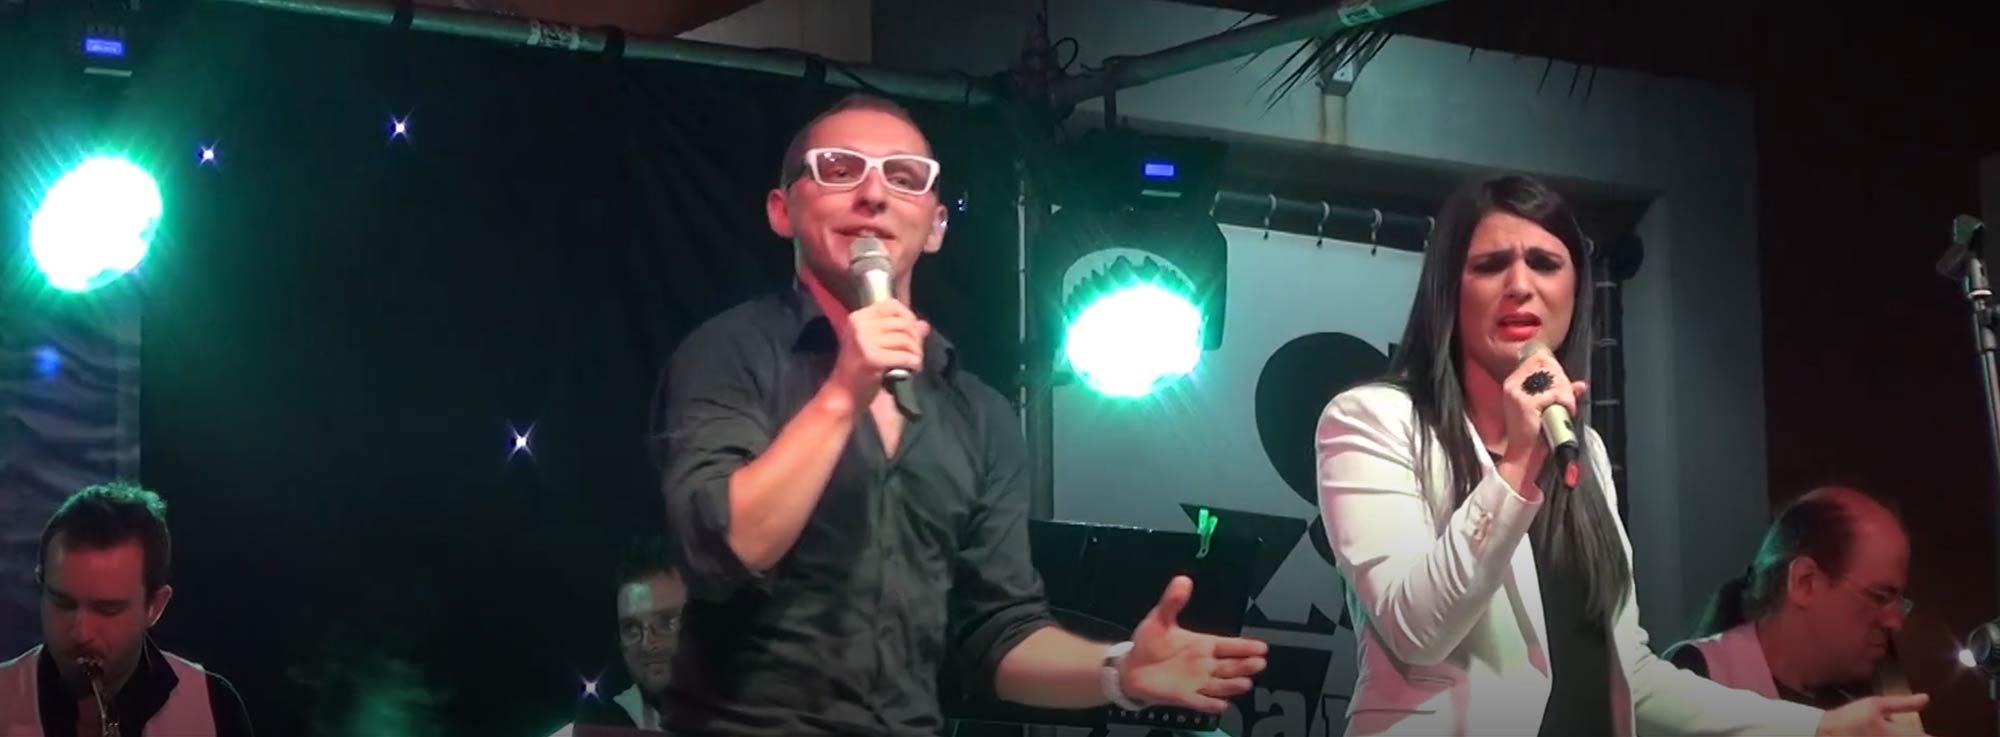 Foggia: Micky Sepalone, Angela Piaf e Canta Napoli Band in concerto